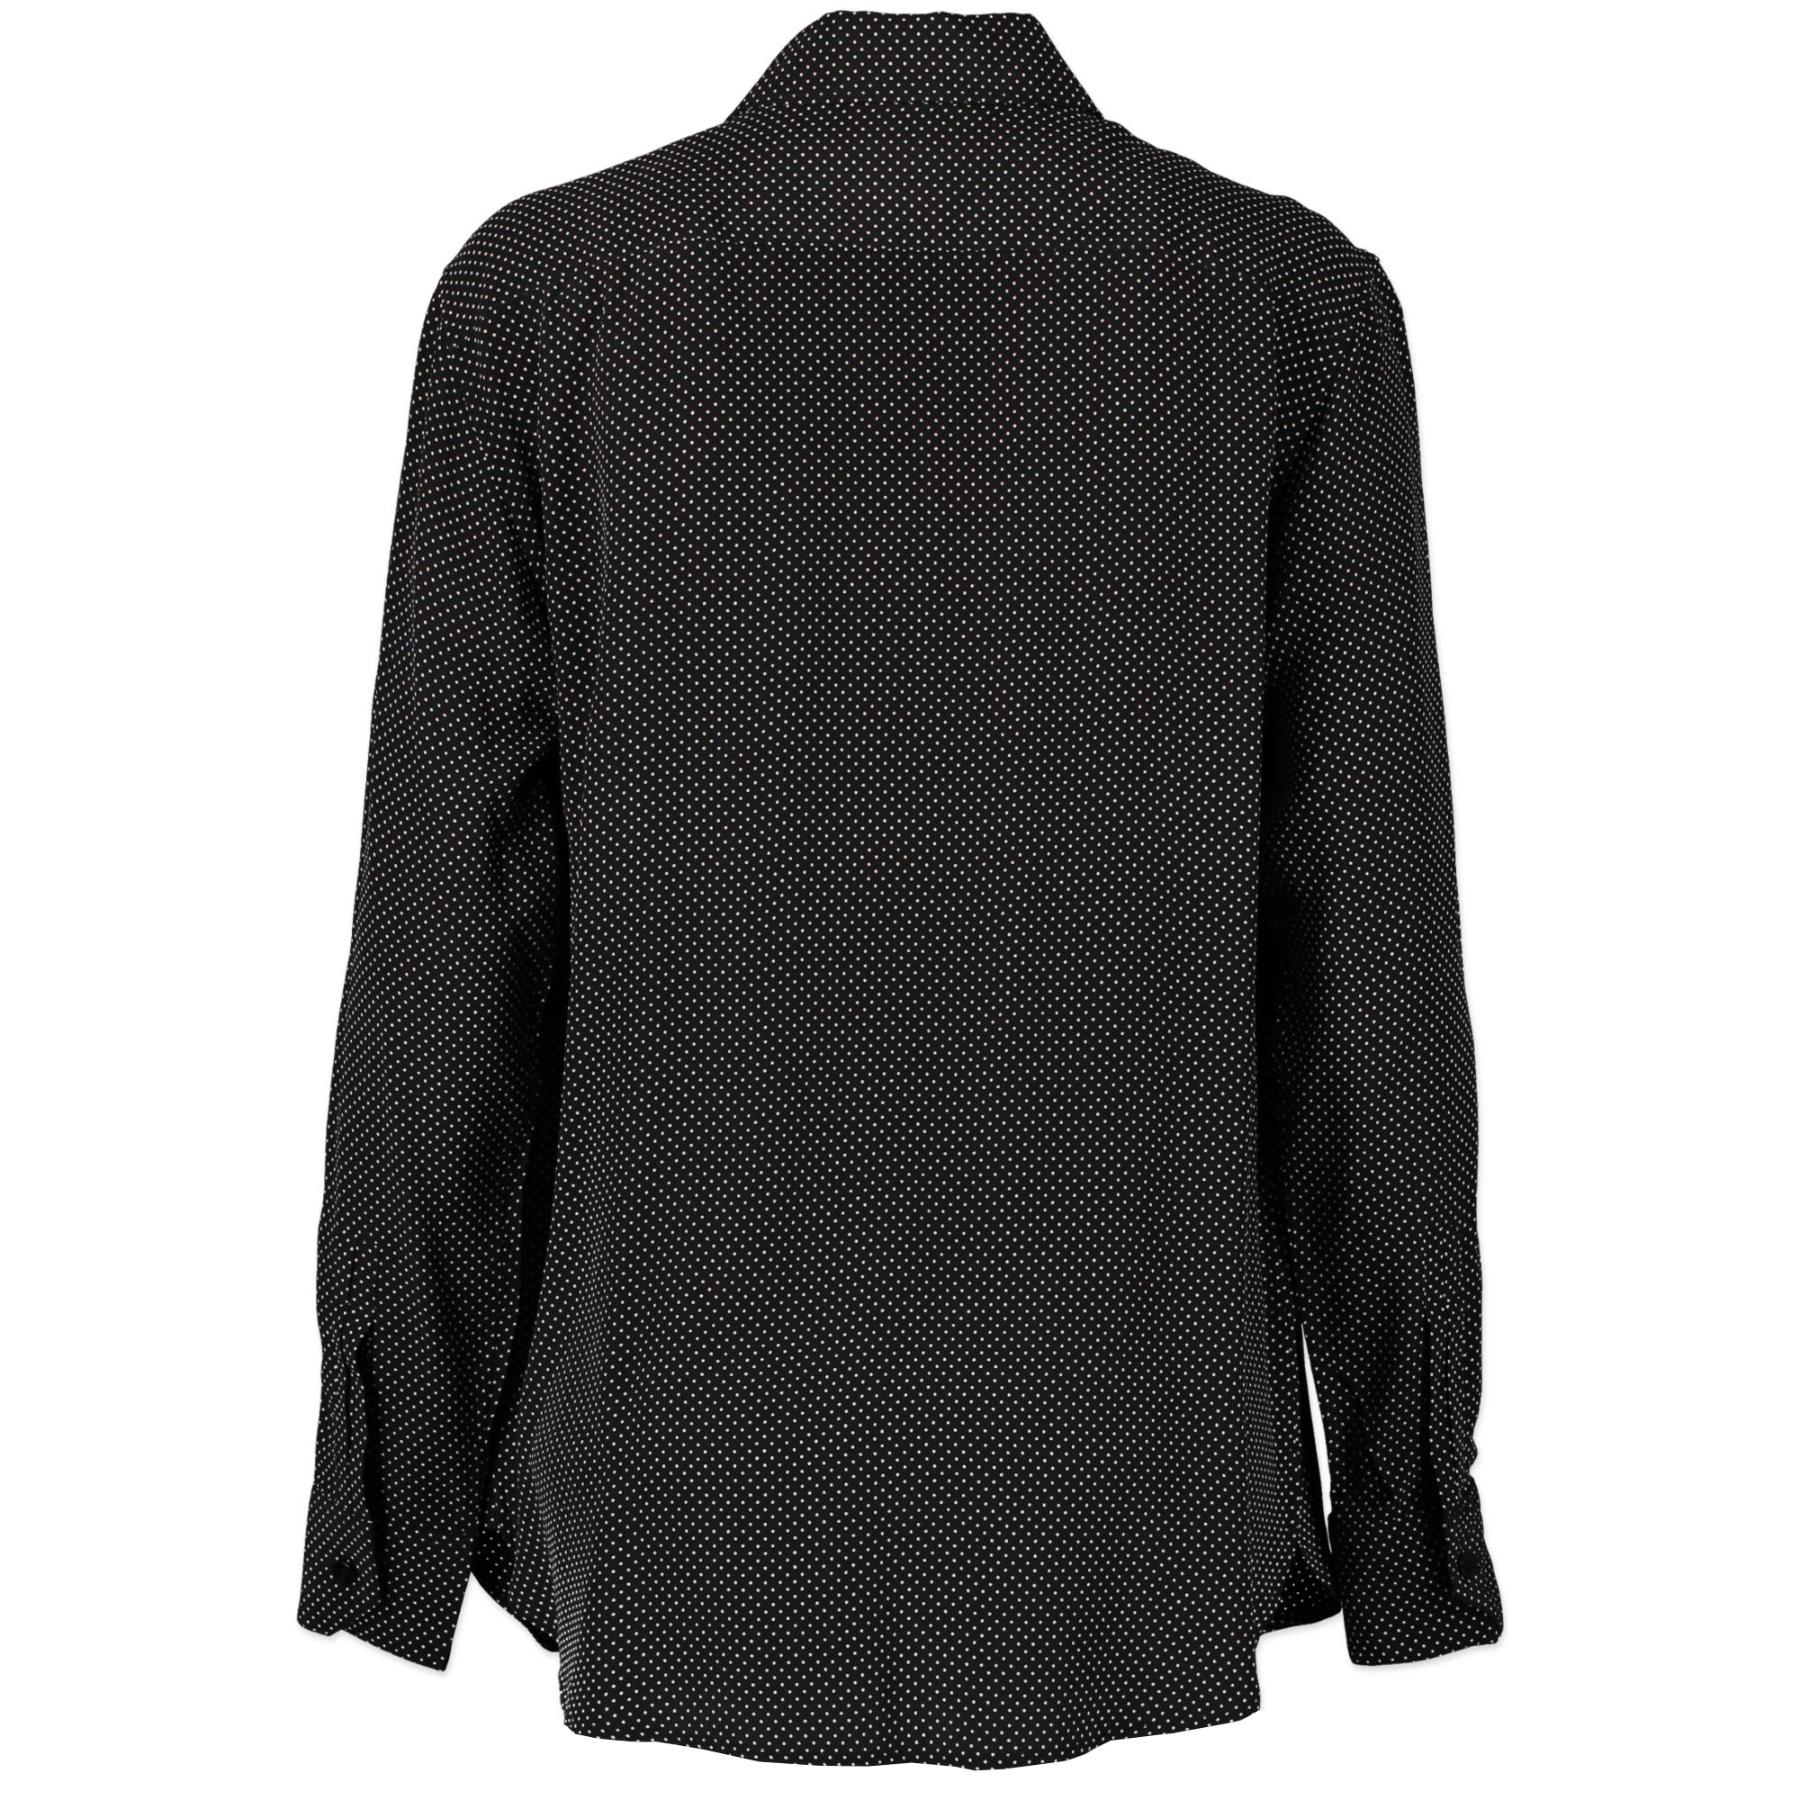 Authentieke Tweedehands Saint Laurent Dotted Black And White Blouse - Size FR 42 juiste prijs veilig online shoppen luxe merken webshop winkelen Antwerpen België mode fashion